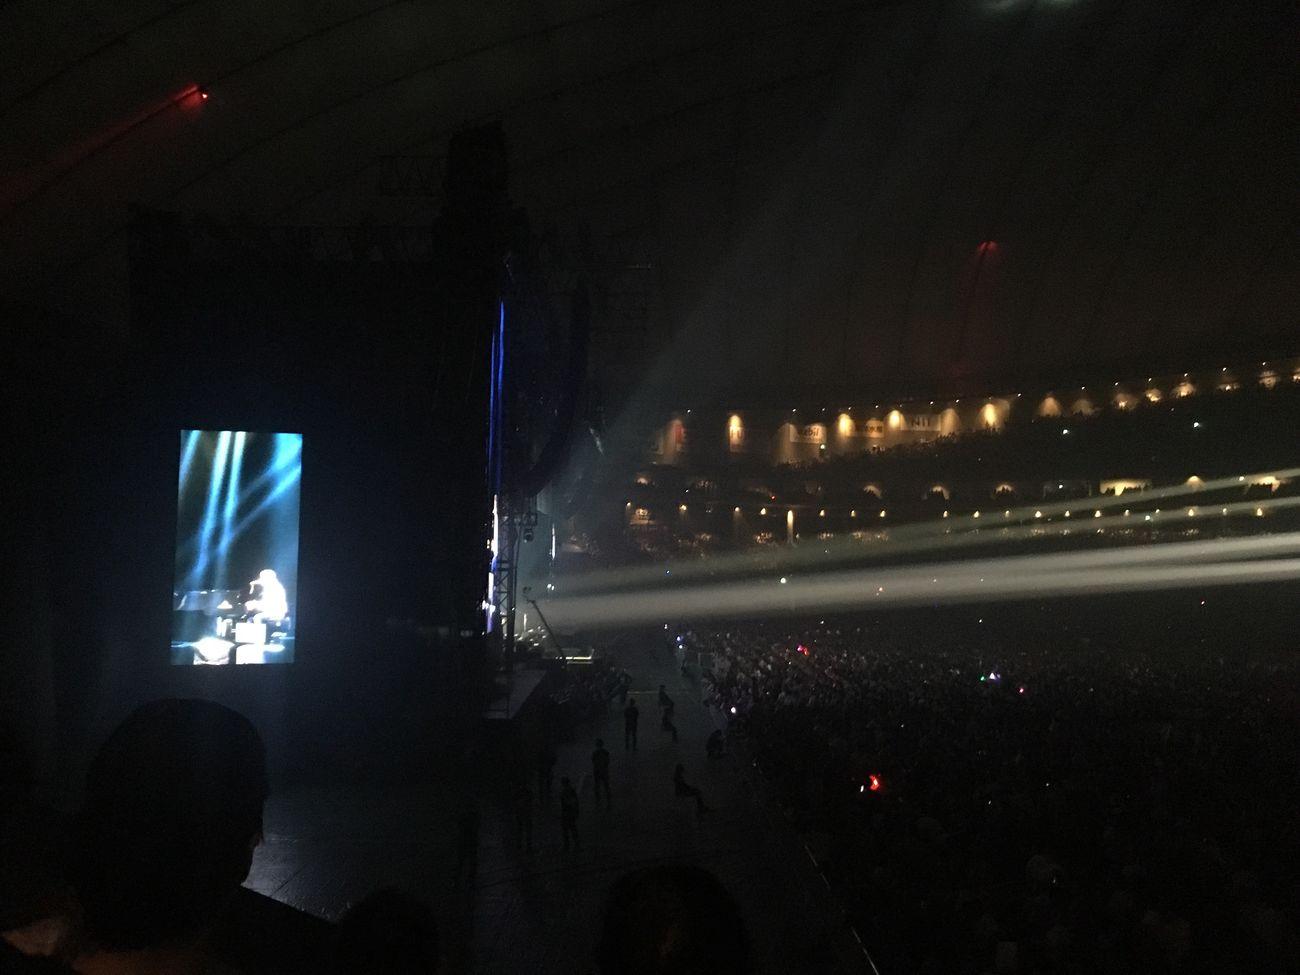 ポール来日 OneOnOne Paulmccartney 20170429 Live Music Thebeatles Tokyo,Japan Golden Slumbers Tokyo Music Photography